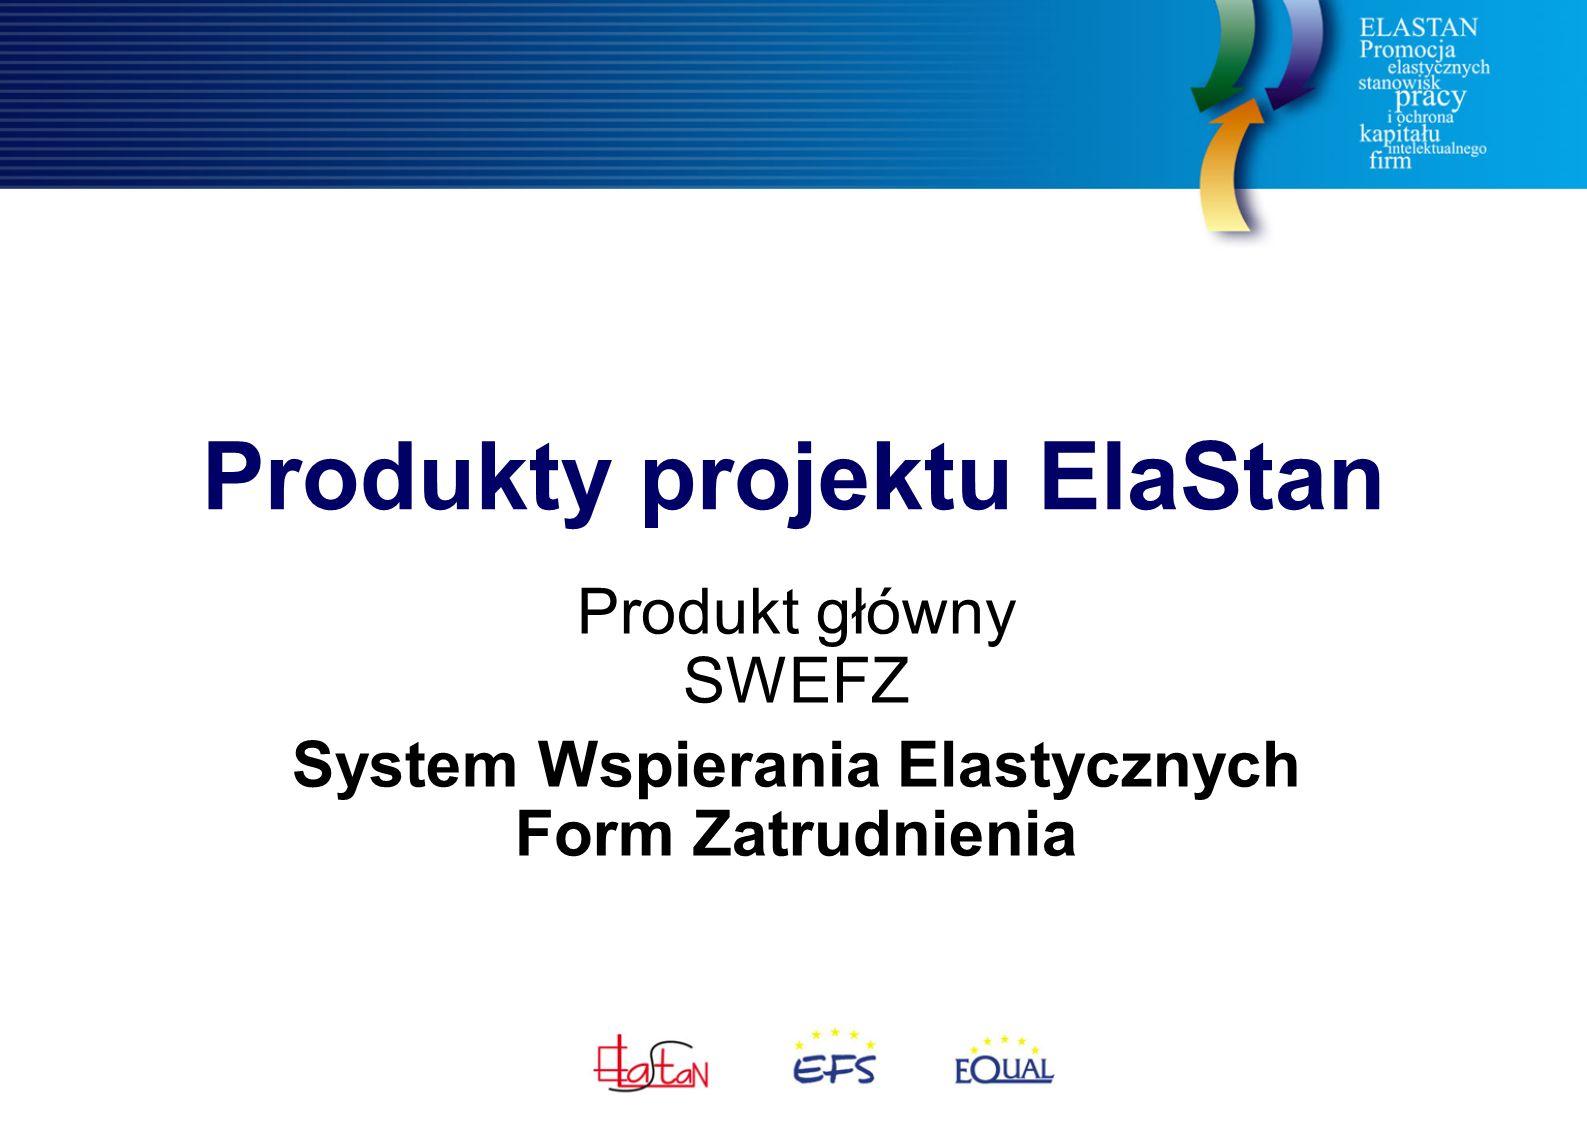 Produkty projektu ElaStan Produkt główny SWEFZ System Wspierania Elastycznych Form Zatrudnienia